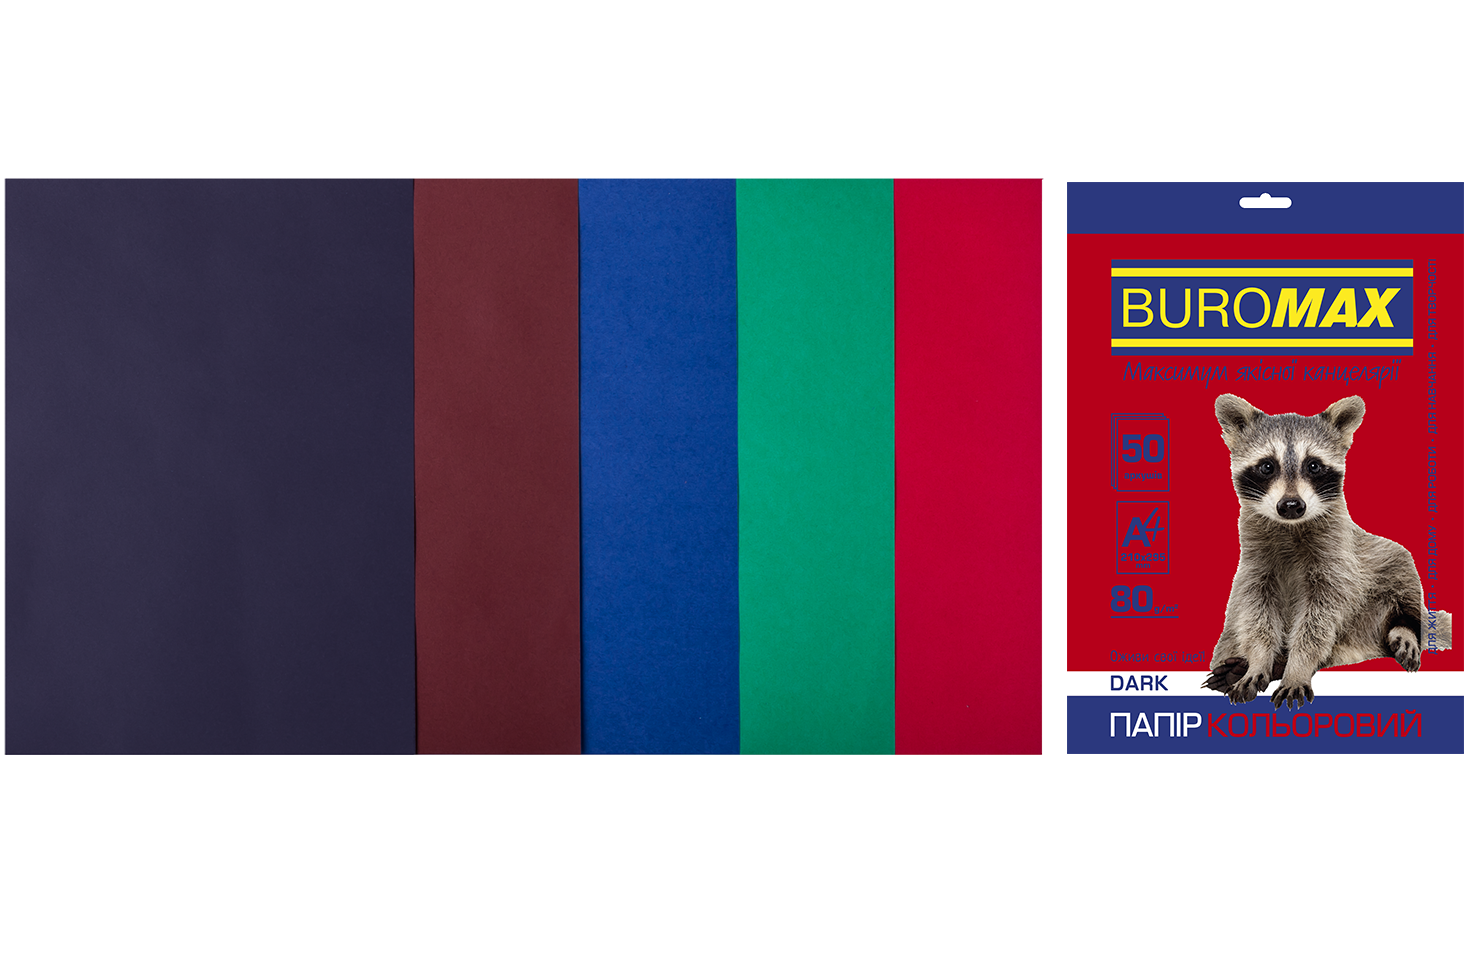 Набор цветной бумаги Buromax DARK, А4, 80г/м2, 50 листов, ассорти